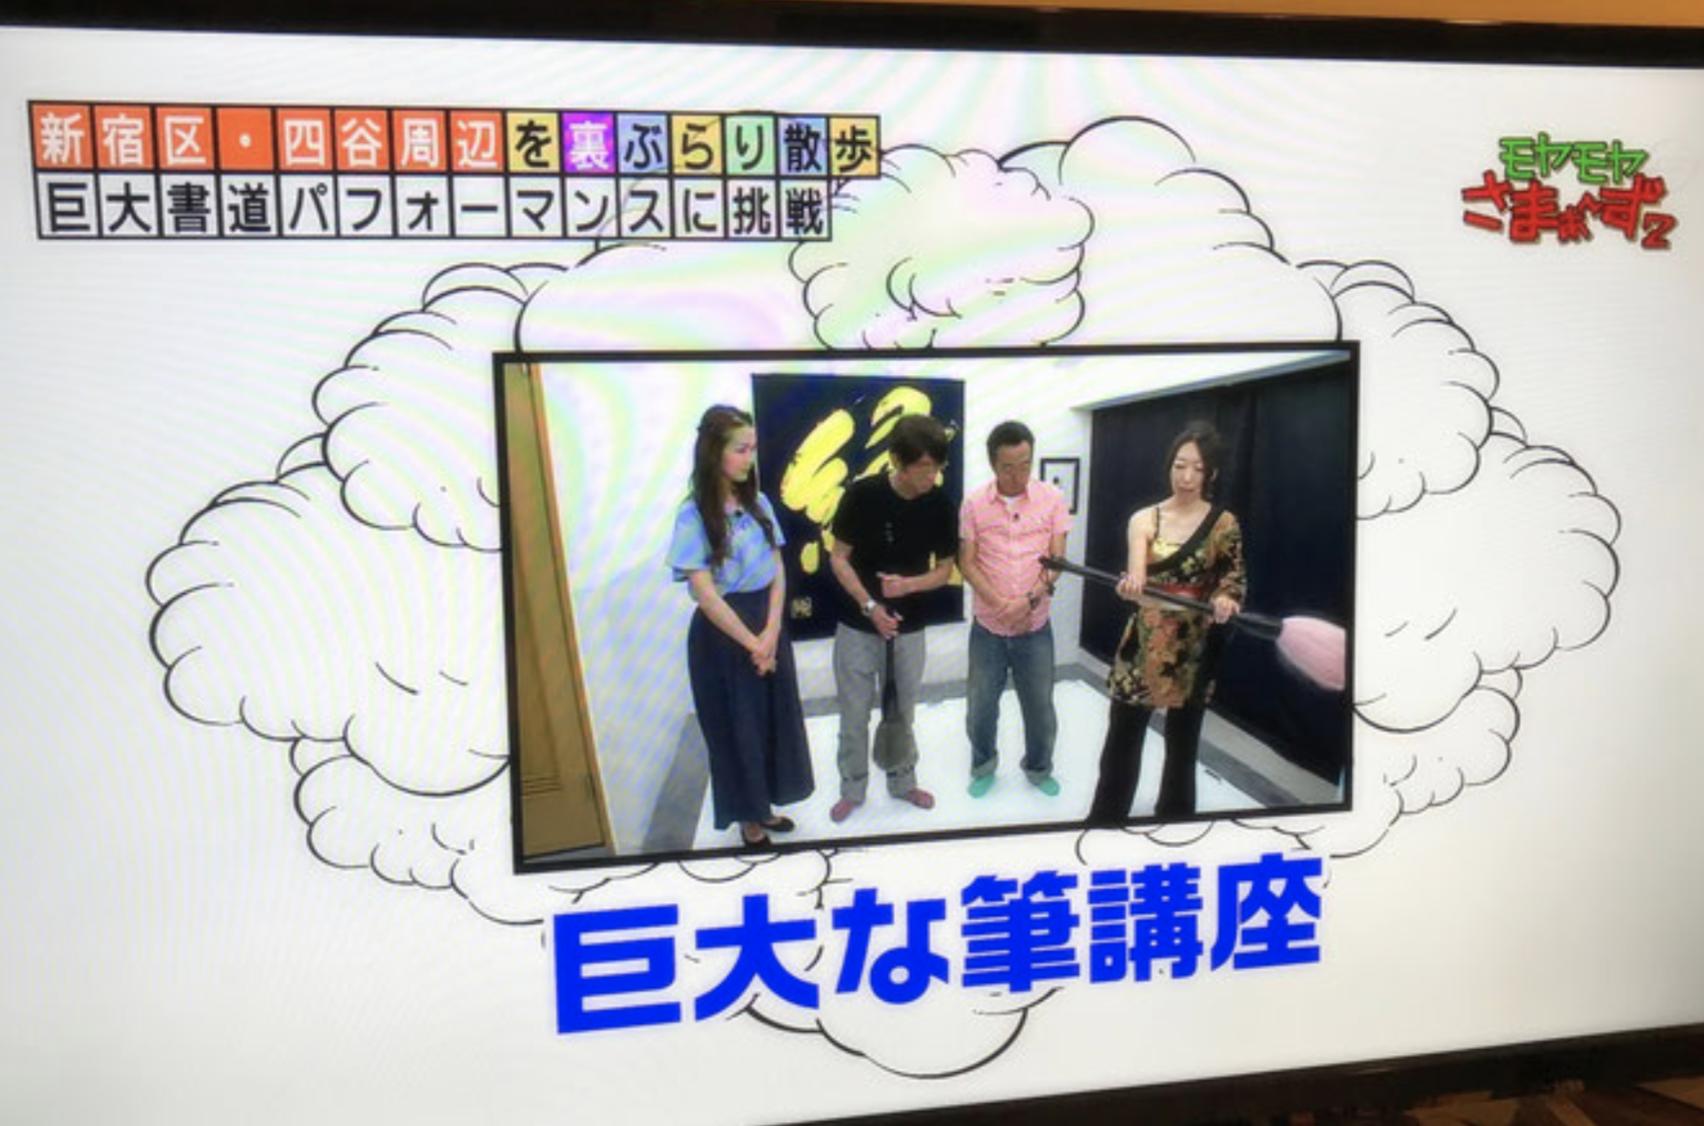 テレビ東京 モヤモヤさま〜ず2 四ツ谷周辺に出演